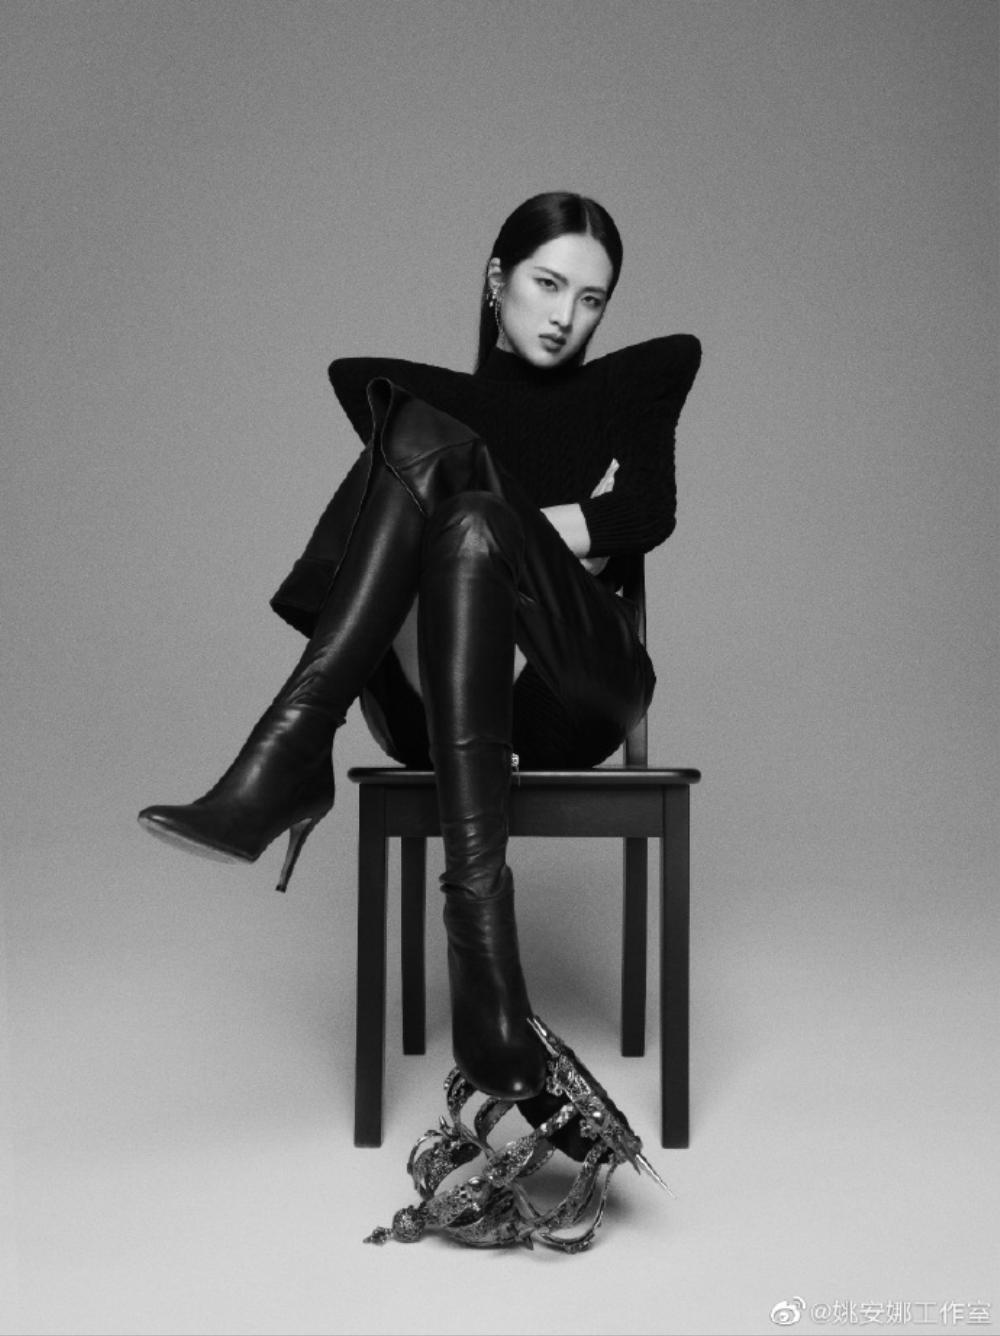 Con gái của tập đoàn Huawei gia nhập vào công ty giải trí của Trần Phi Vũ Ảnh 4